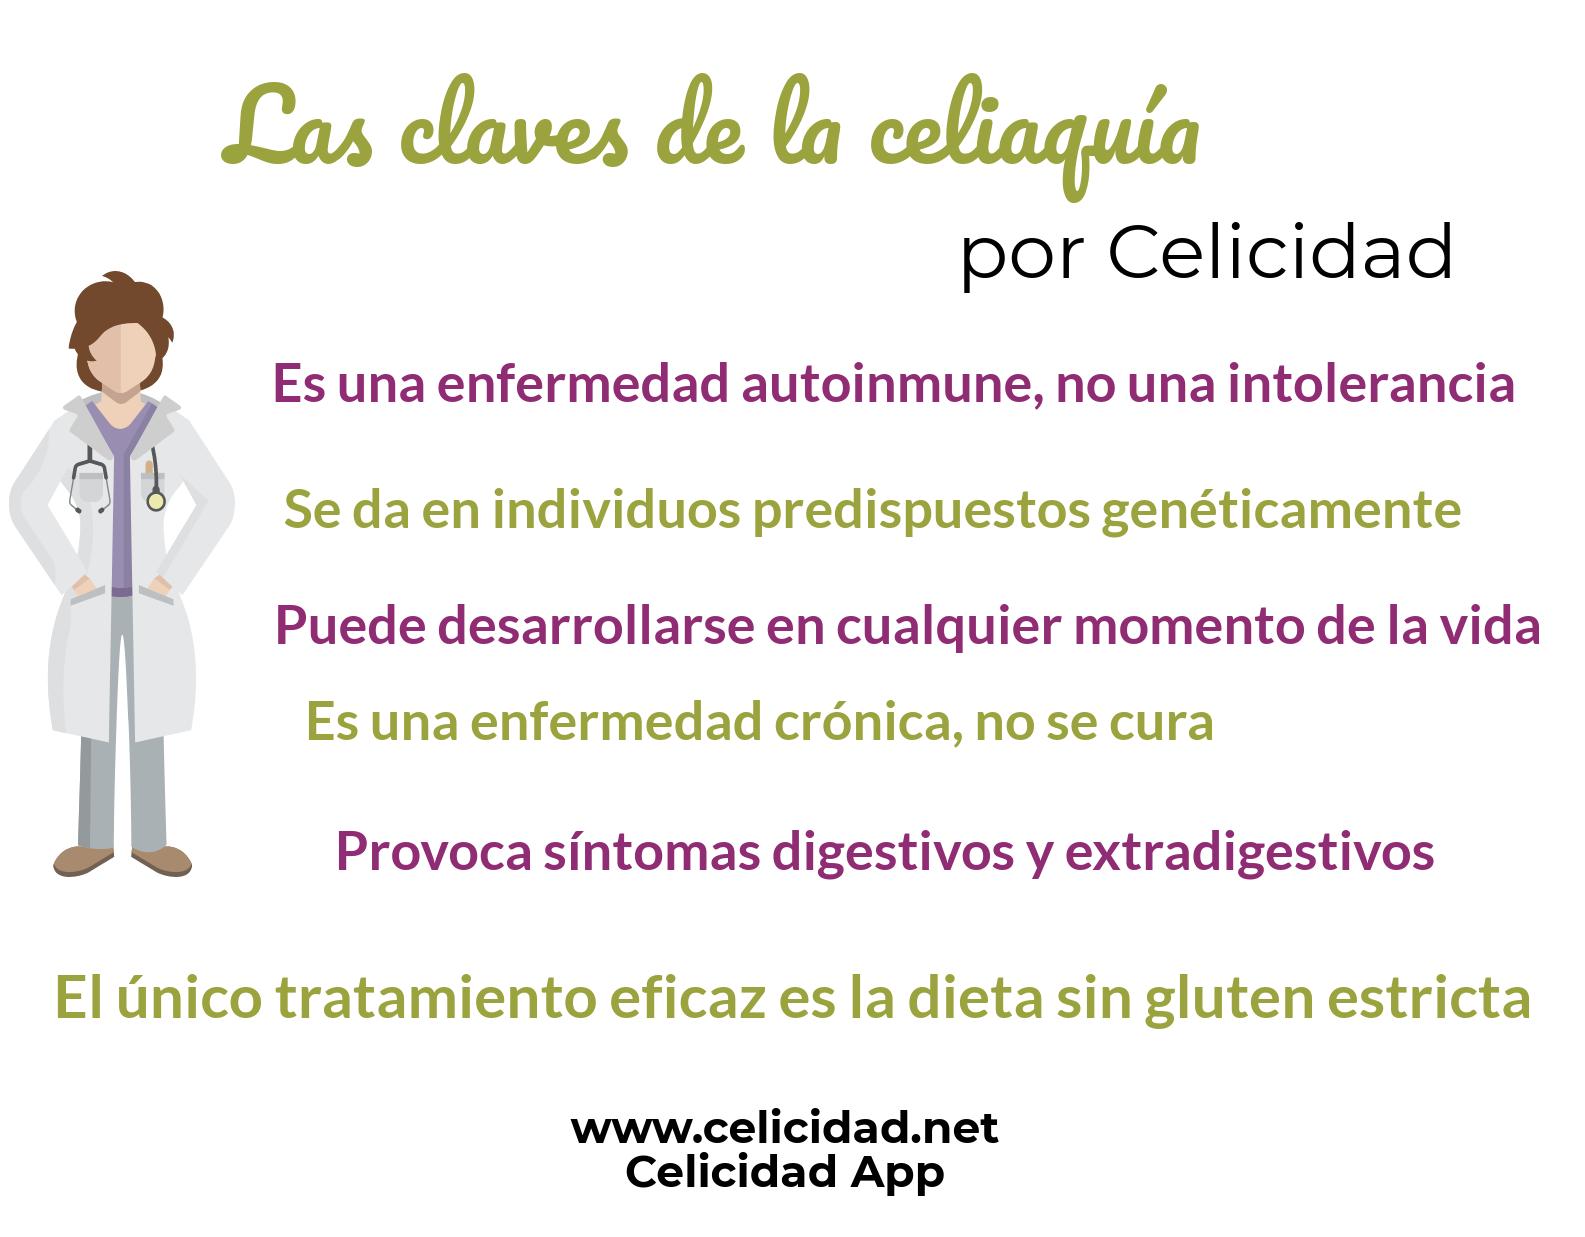 diferencia entre celiaco e intolerante al gluten